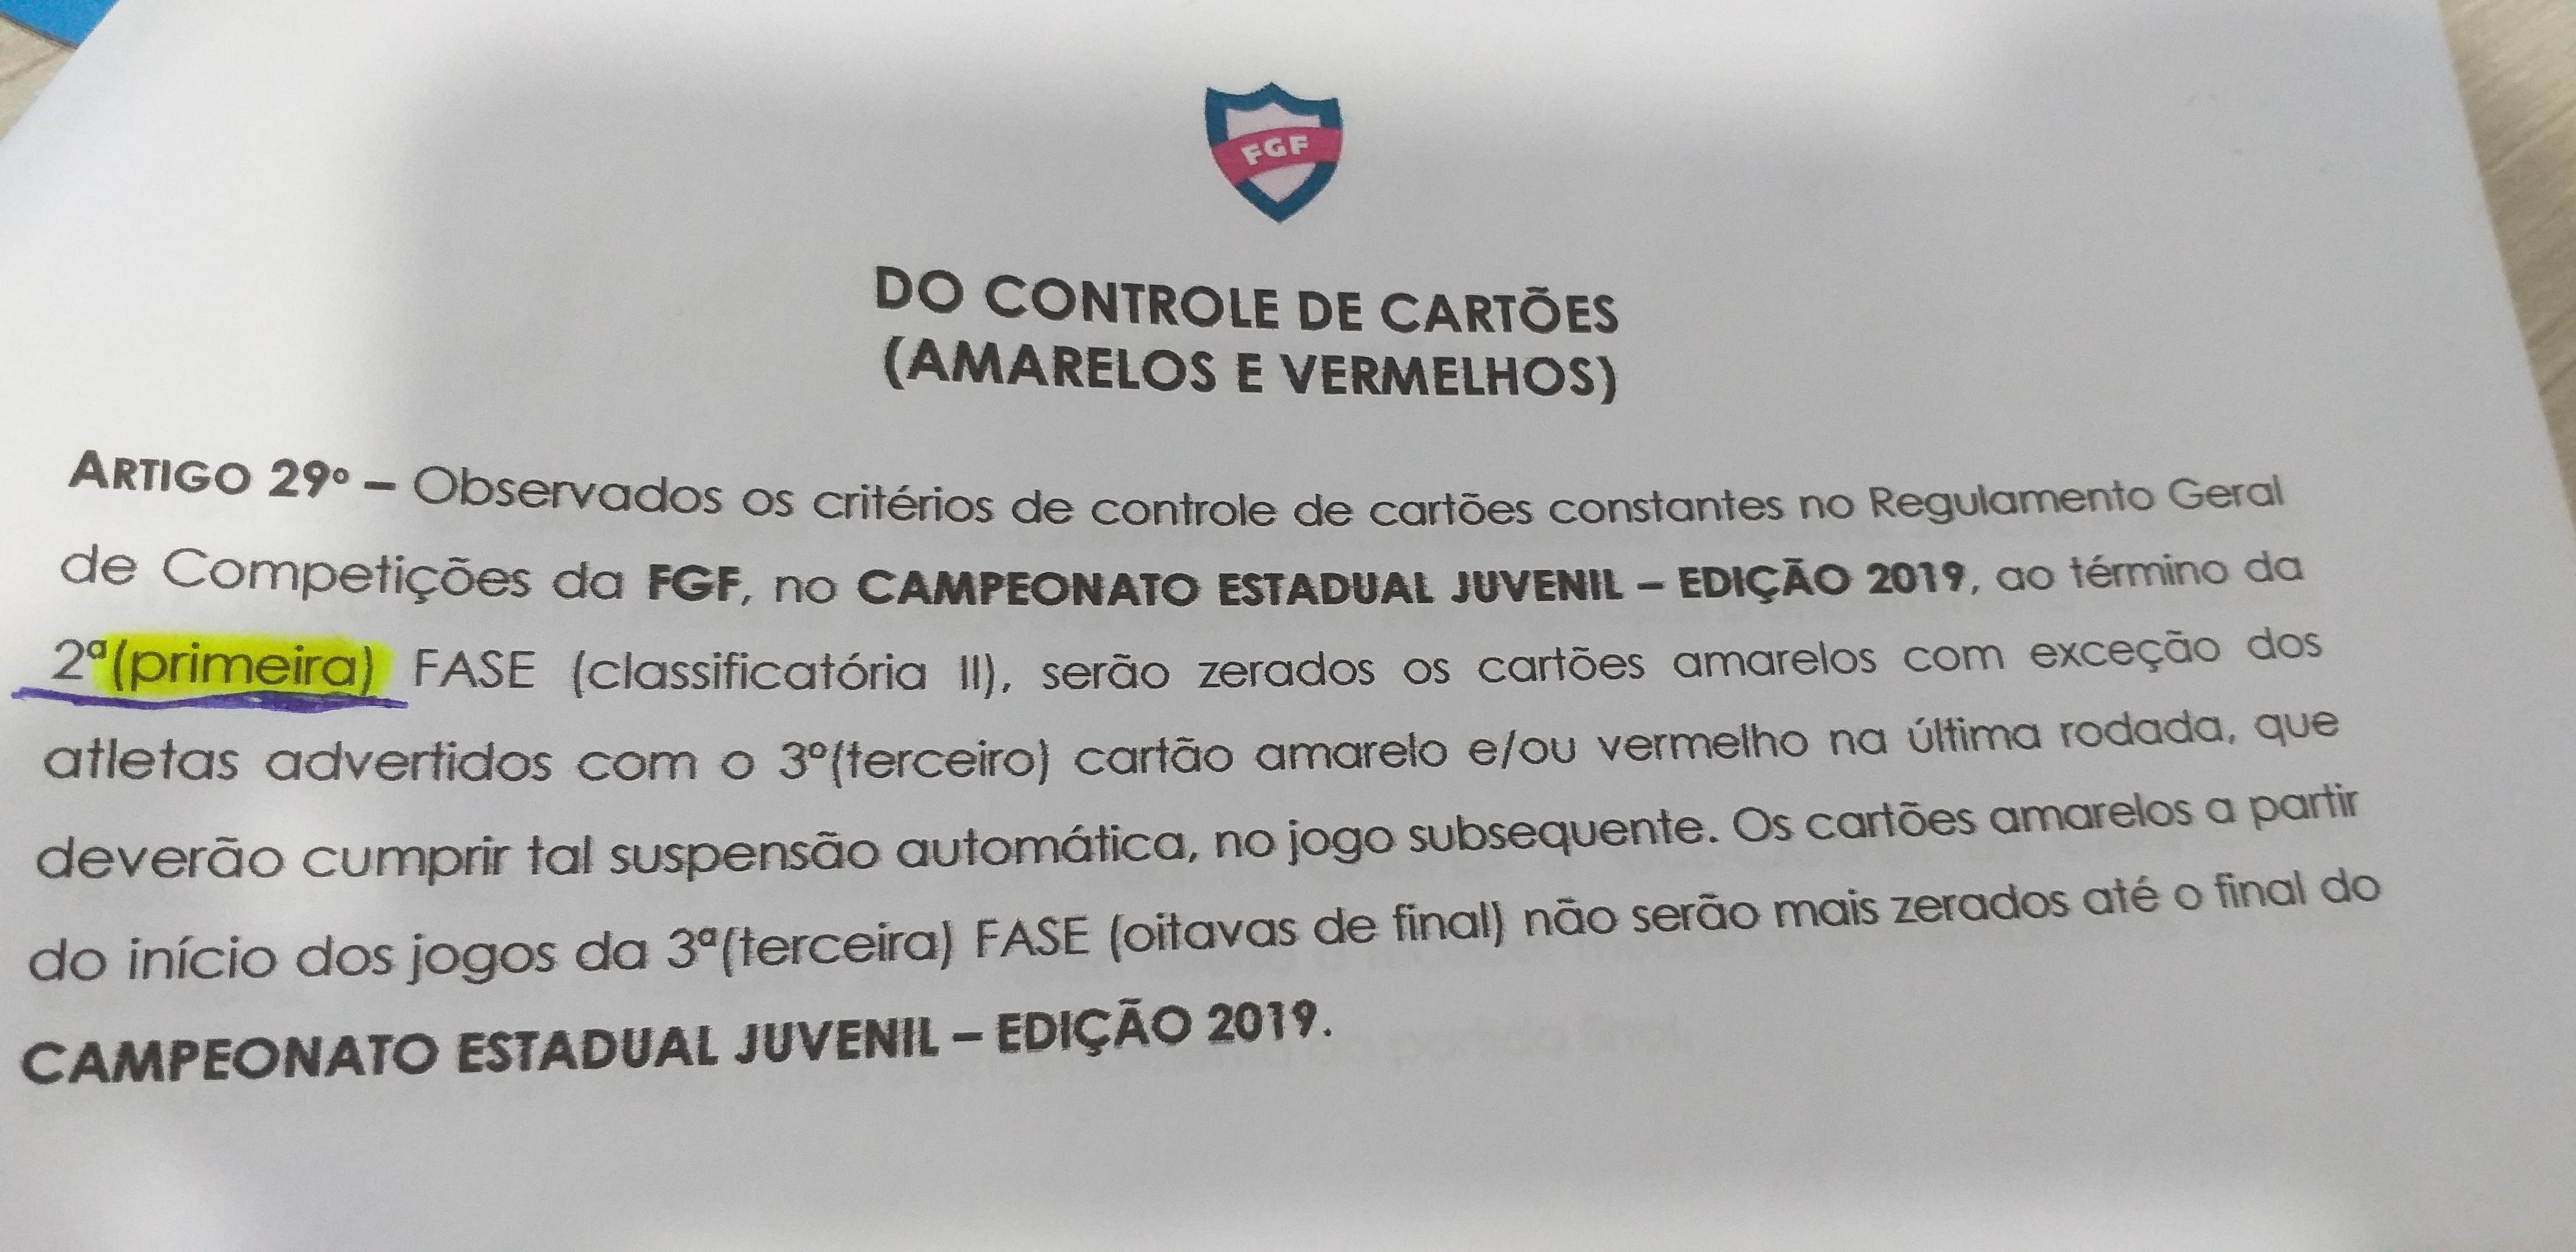 OPINIÃO: Sobre a lambança da FGF no gauchão sub-17